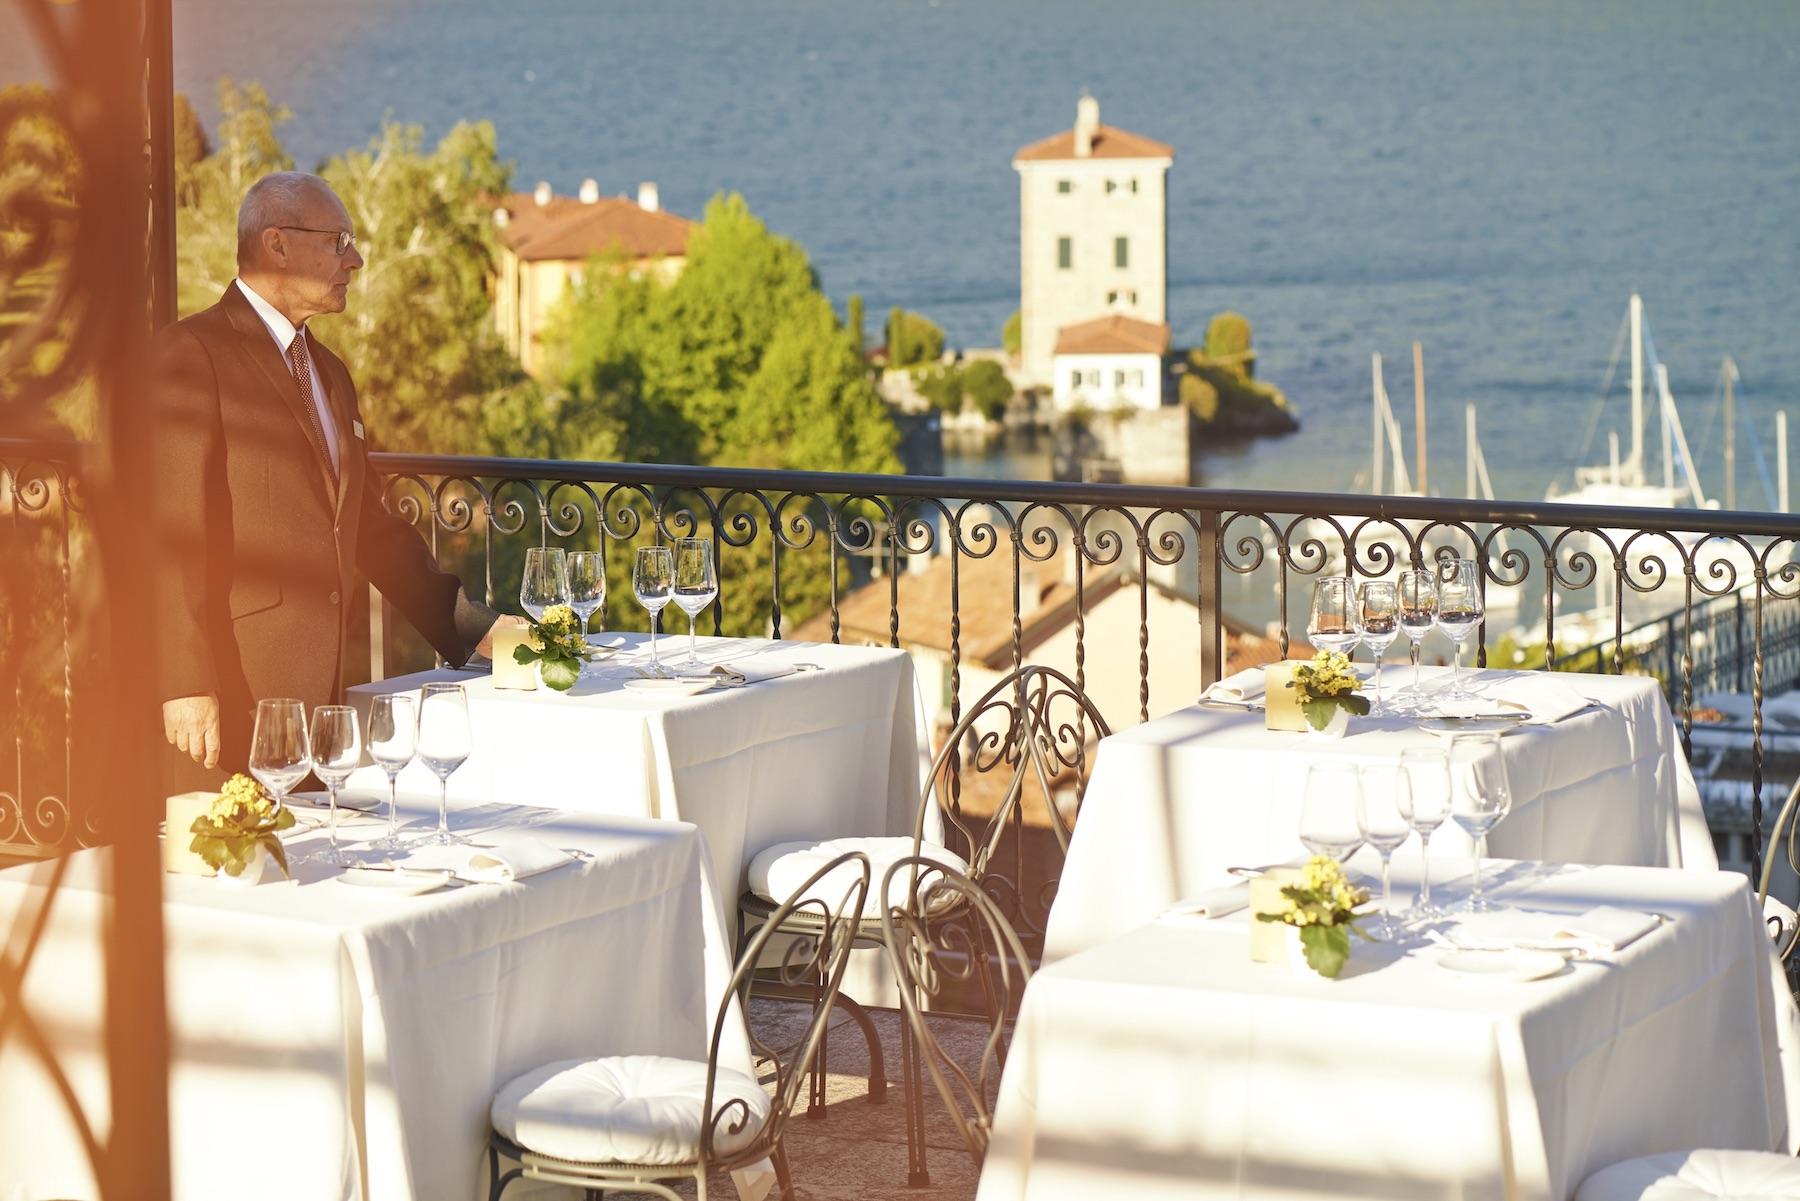 Ristorante cucina italiana bellagio como   hotel belvedere bellagio